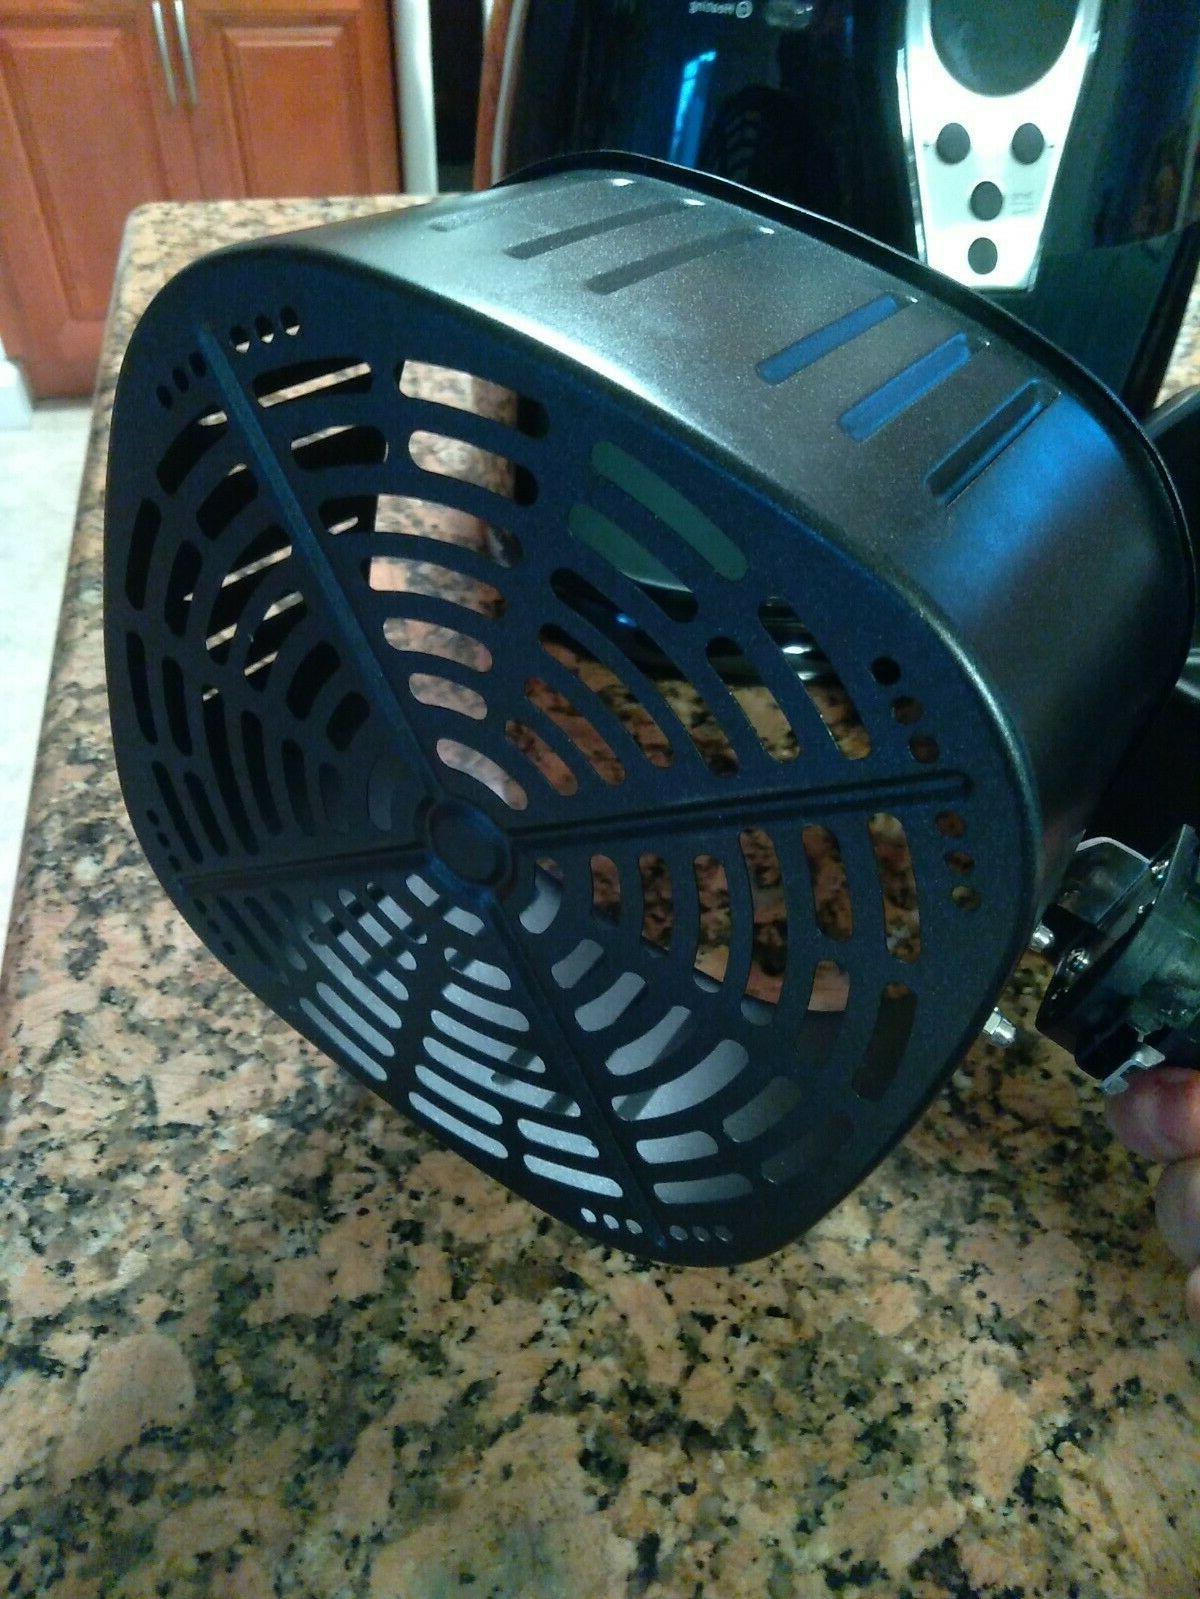 Maxi-Matic Elite Quart Electric Fryer... watt